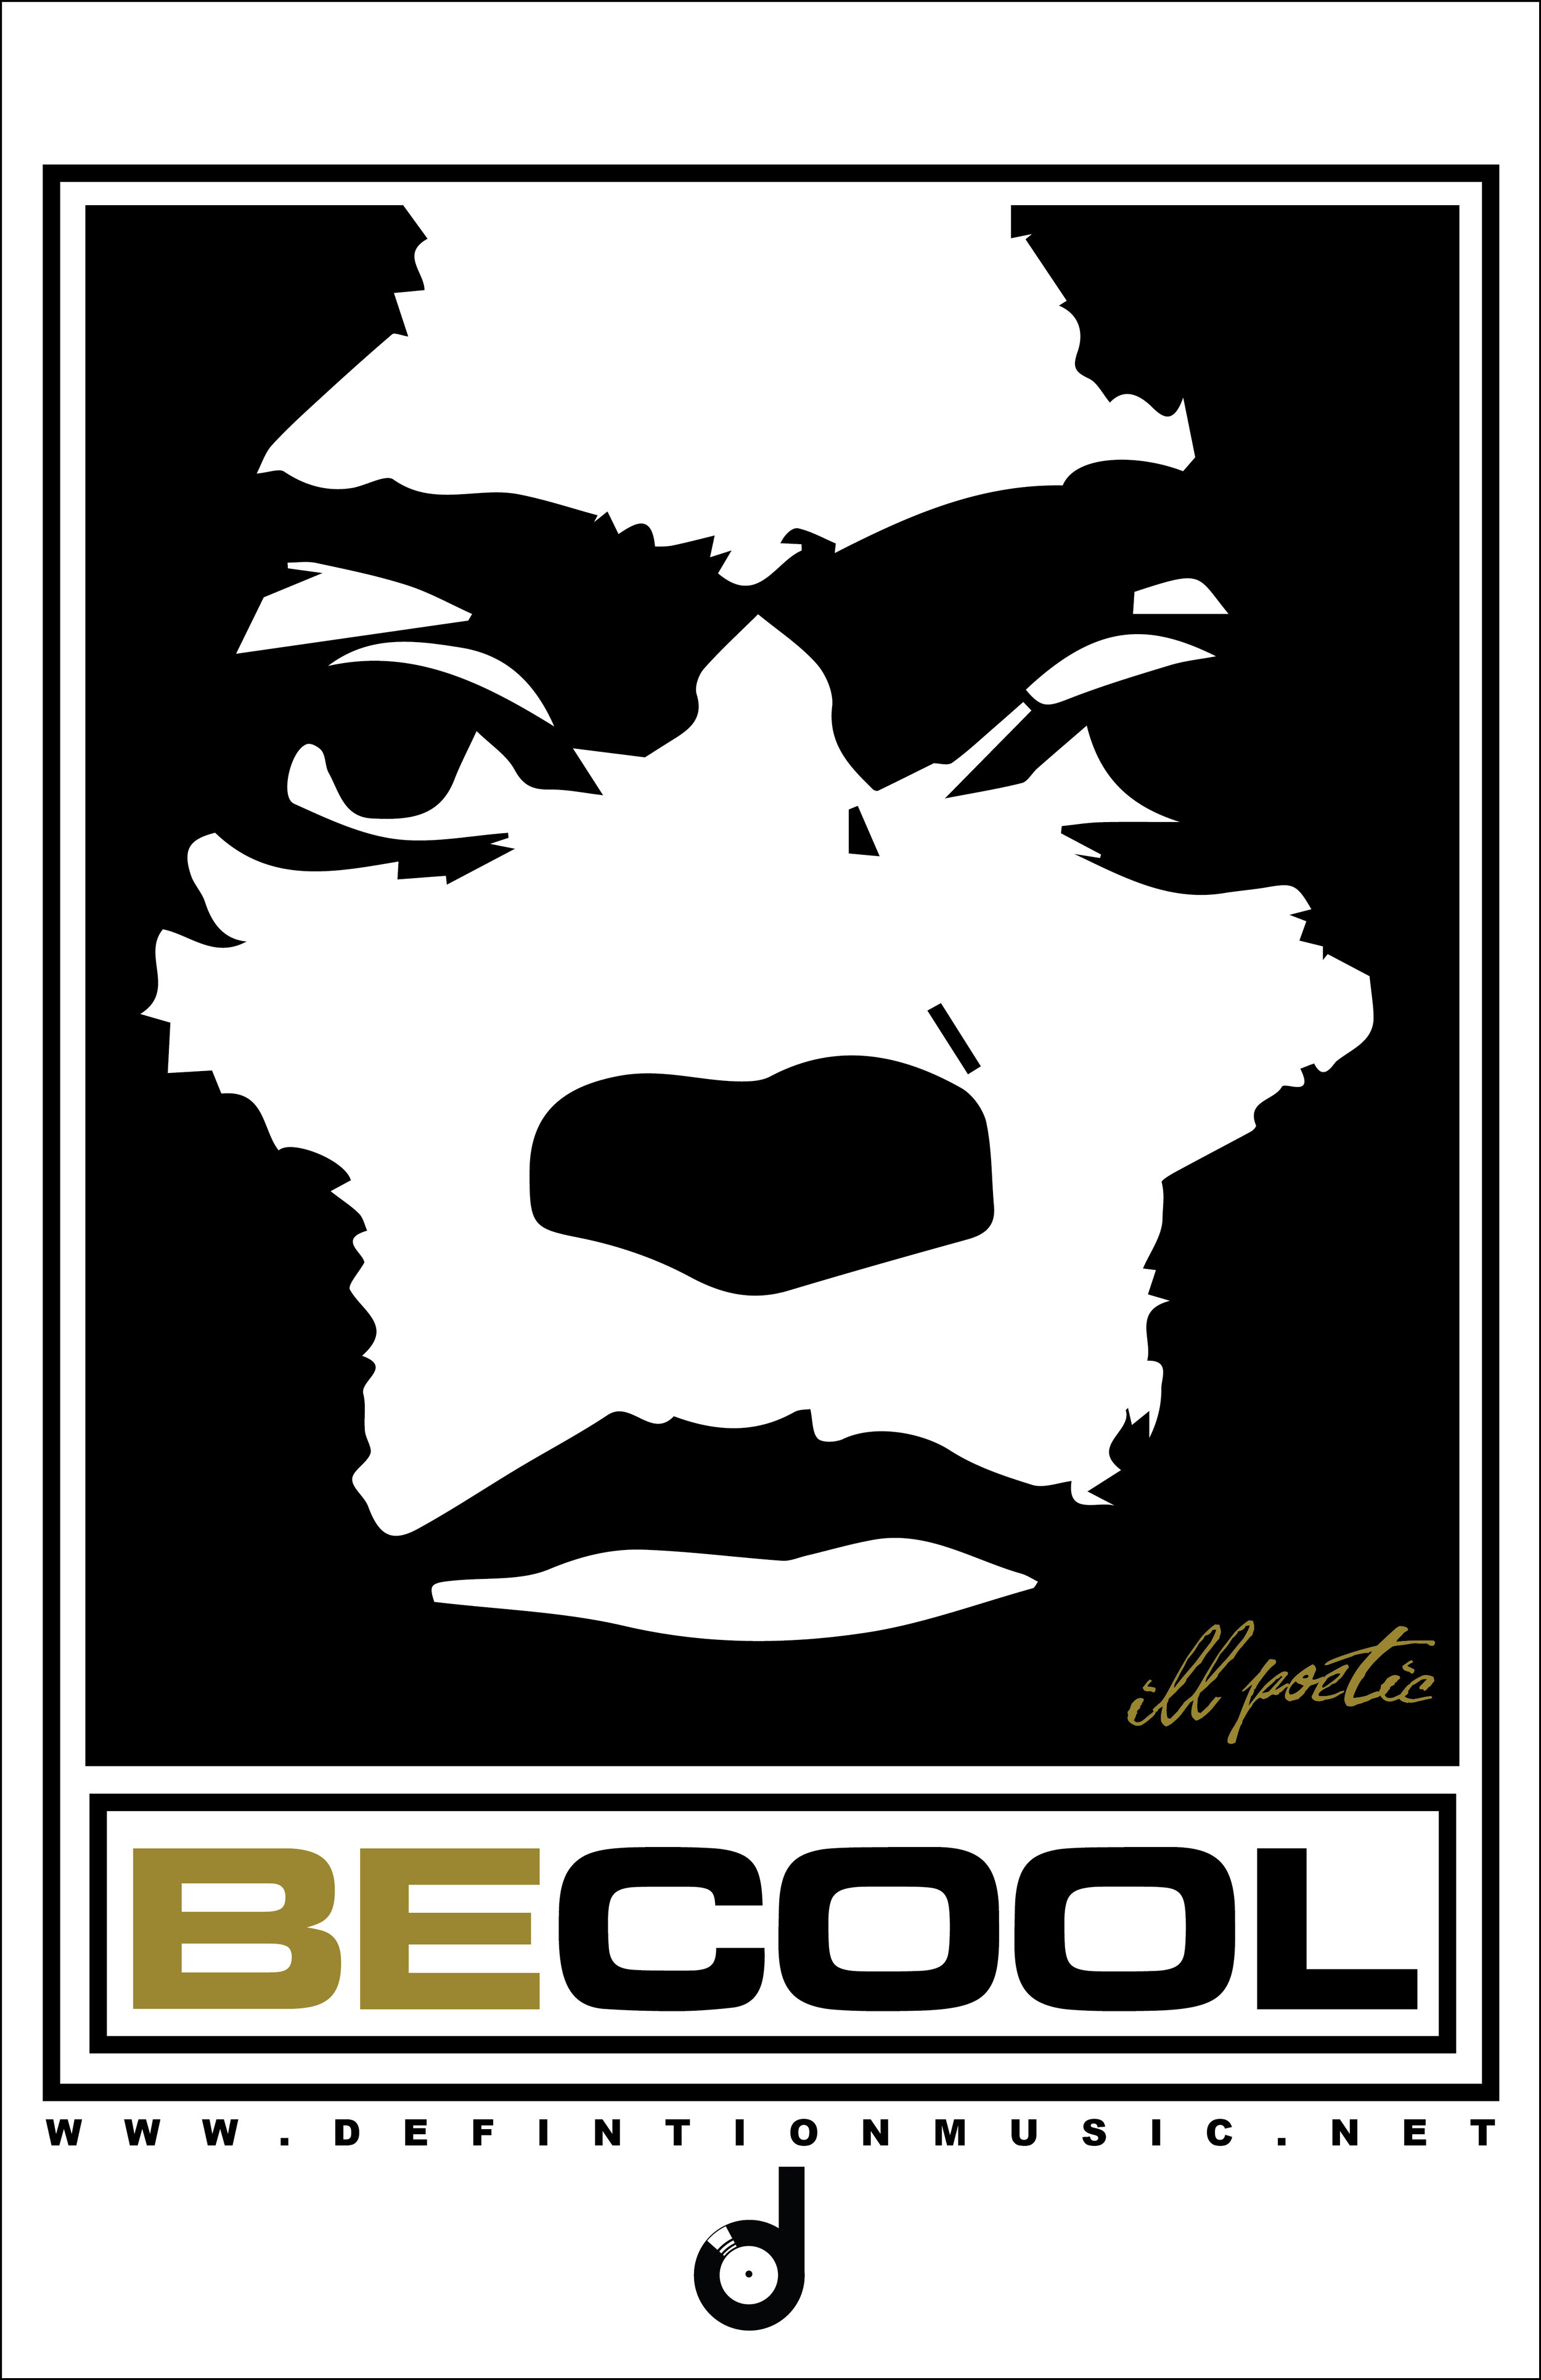 Be Cool T-Shirt - Miles - 11x17.jpg